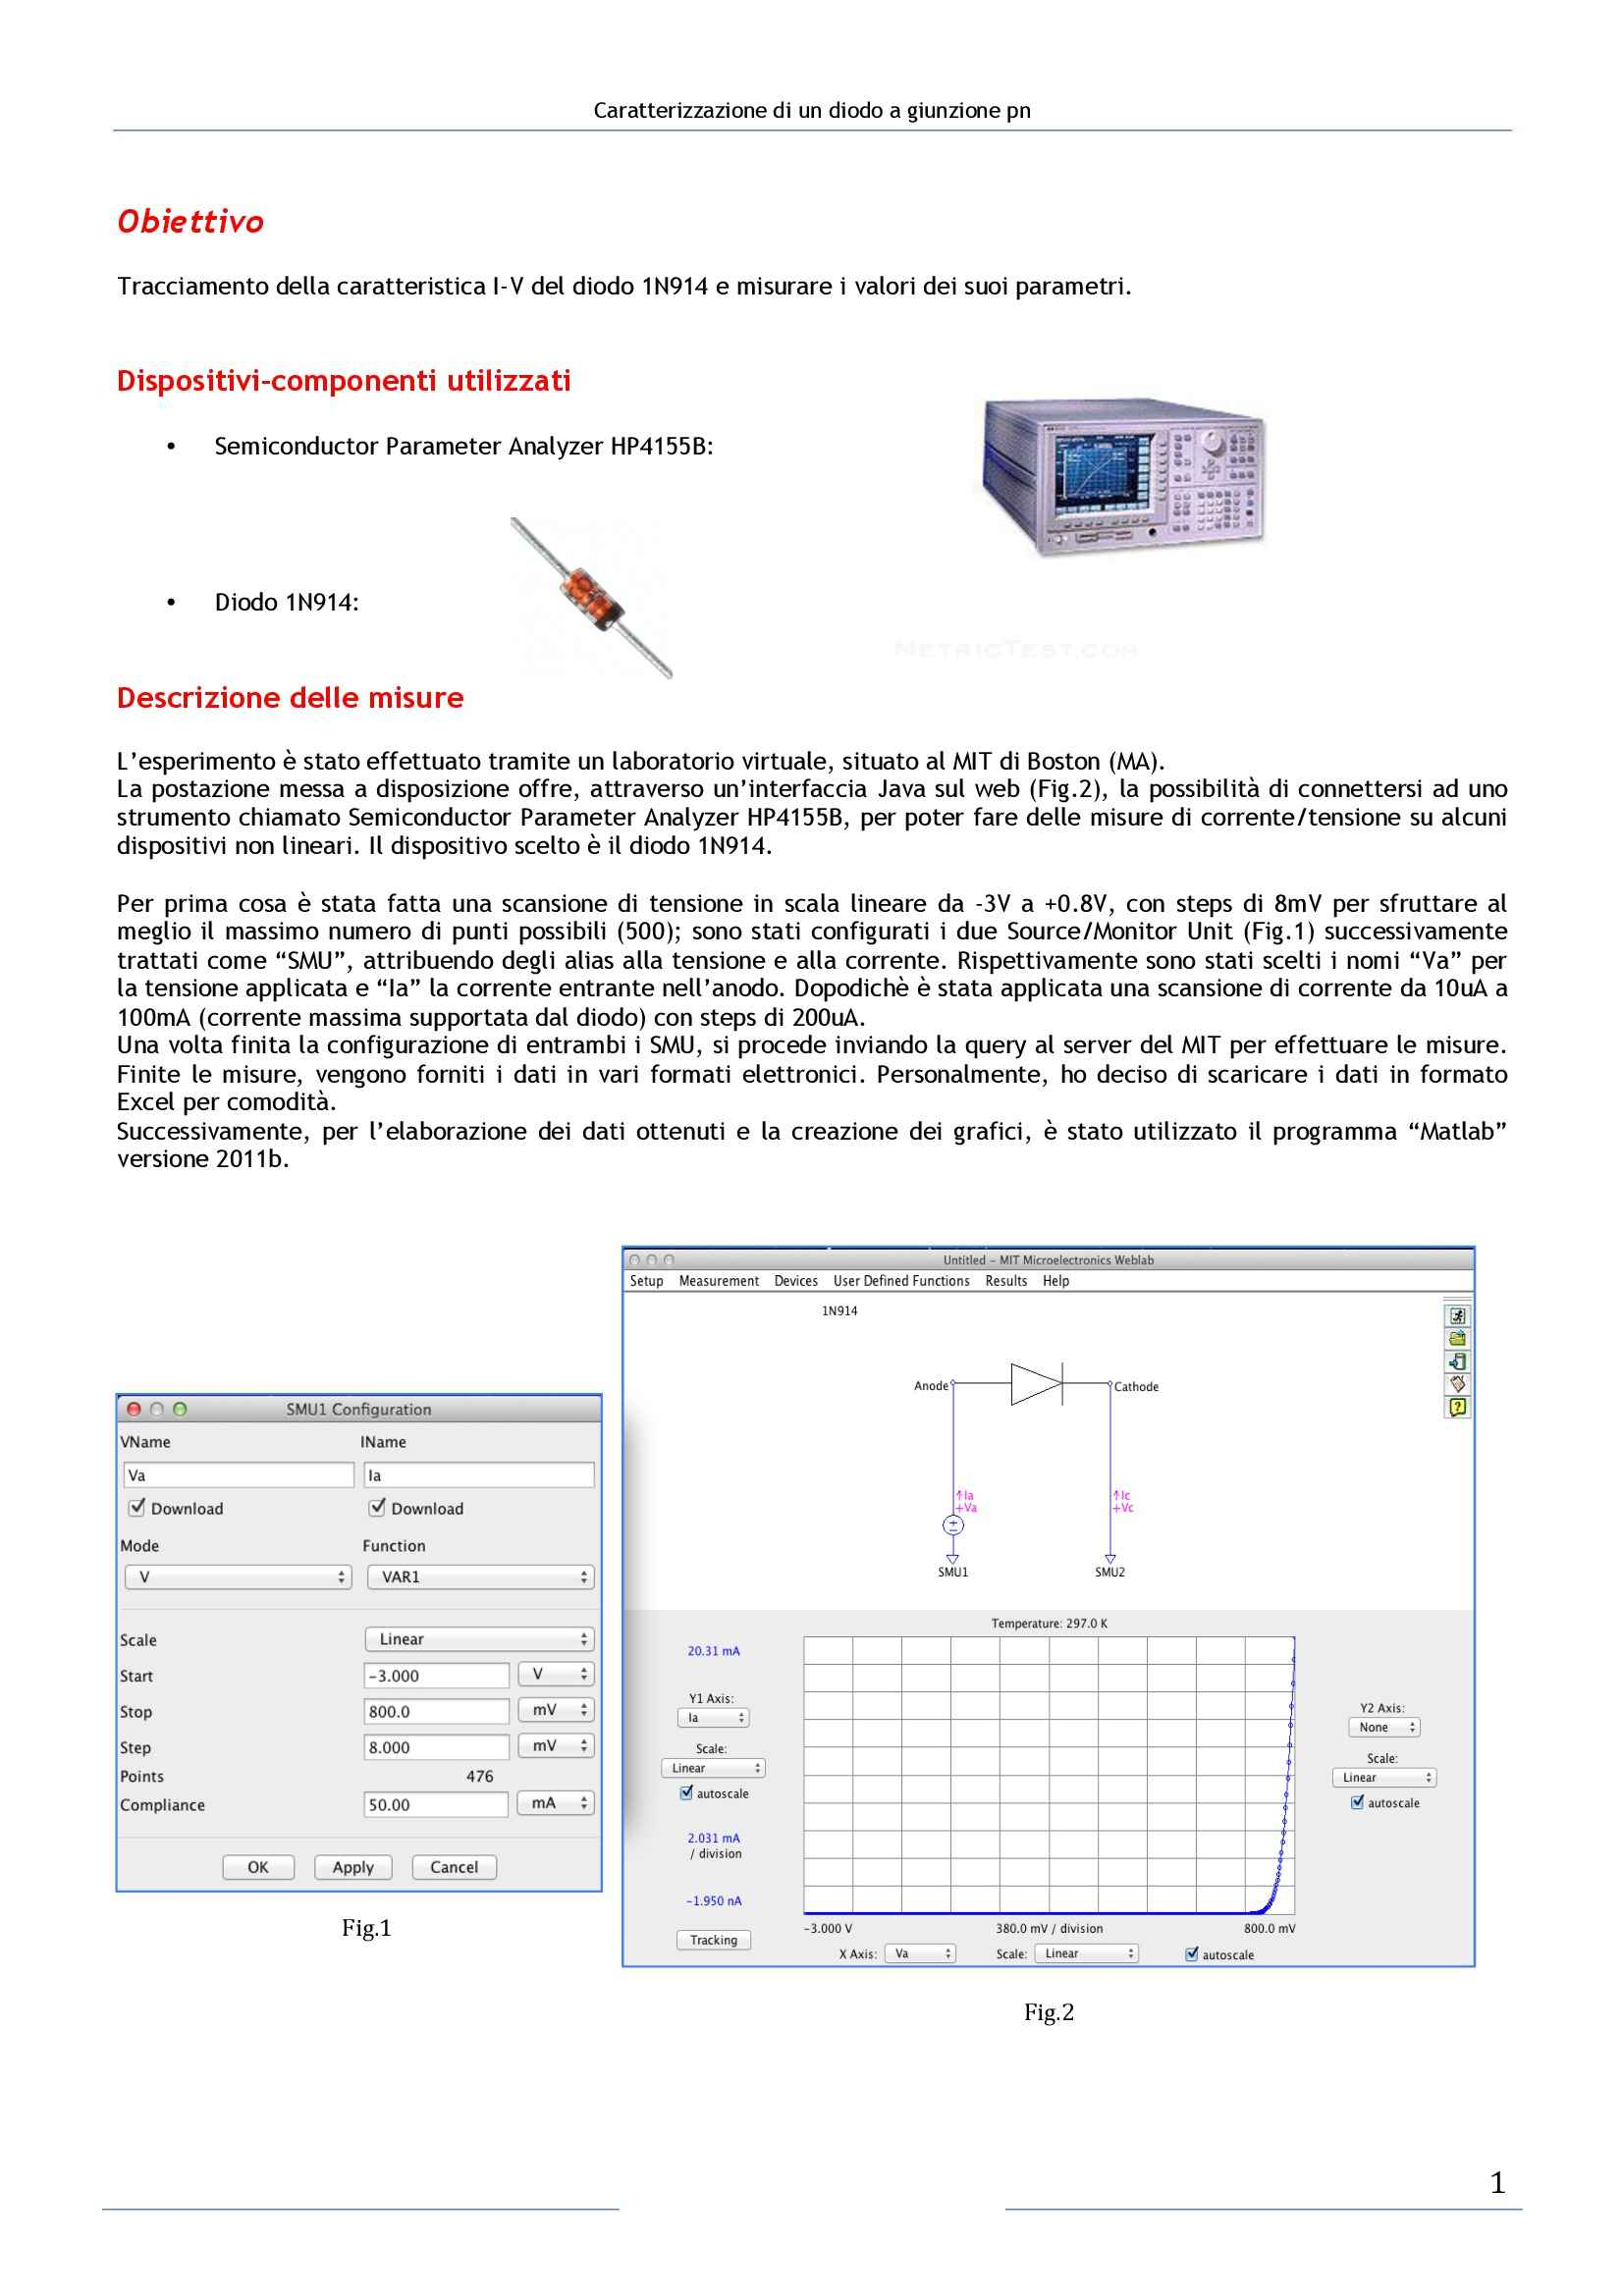 Elettronica 1 - Caratterizzazione di un diodo a giunzione pn: Relazione 1